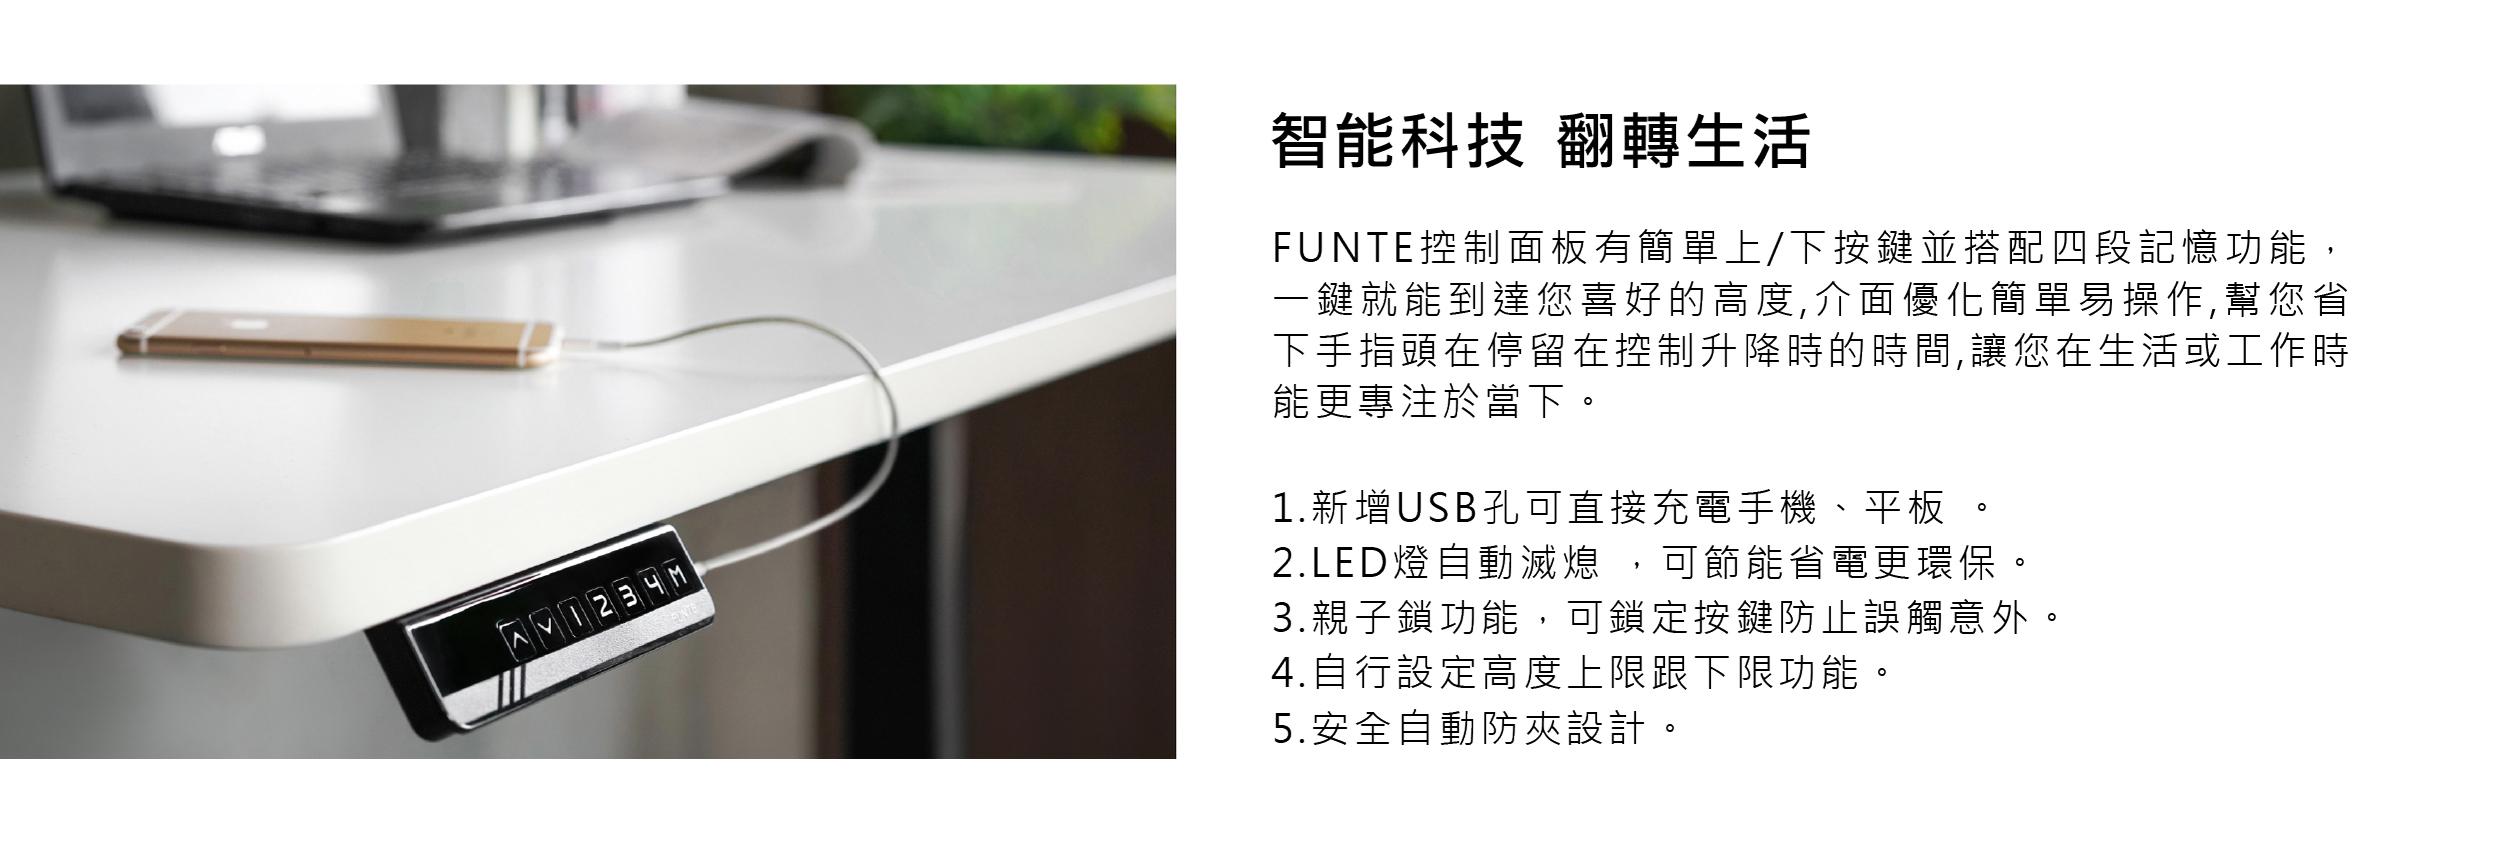 funte電動升降桌,工作桌,電動桌,電腦桌